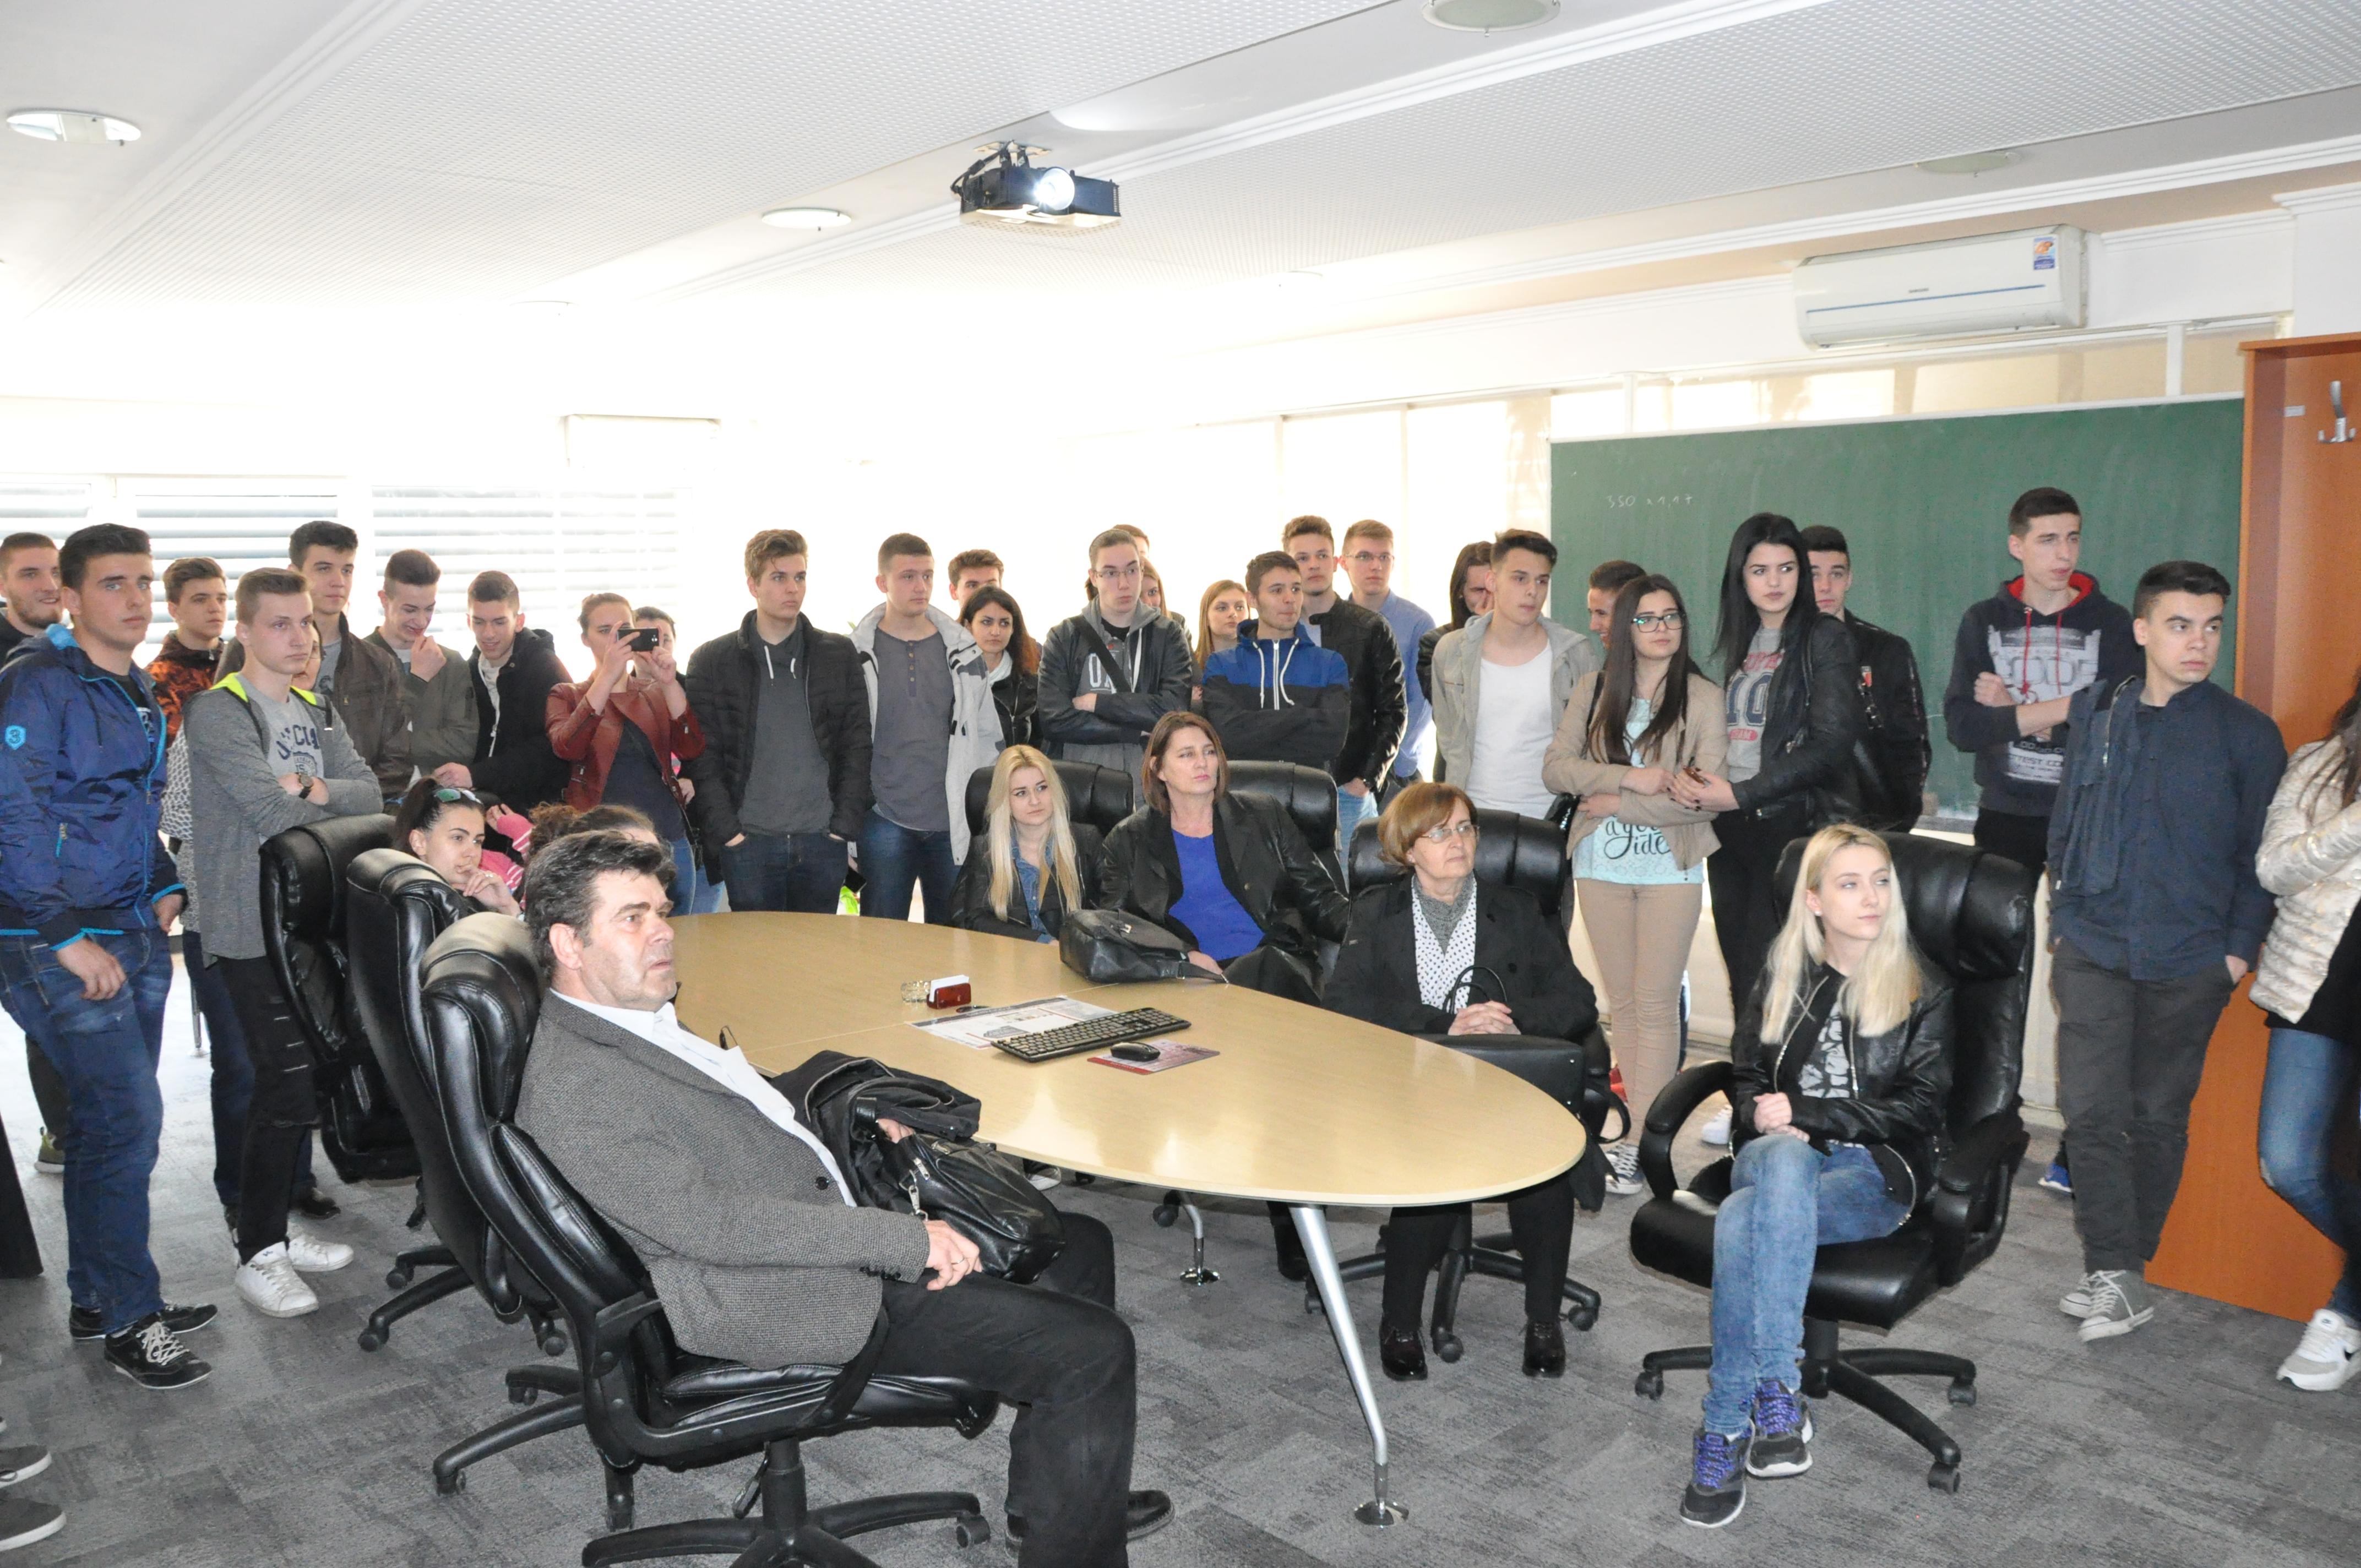 Srednjoškolci JU MS Građevinsko geodetske škole Tuzla posjetili našu kompaniju